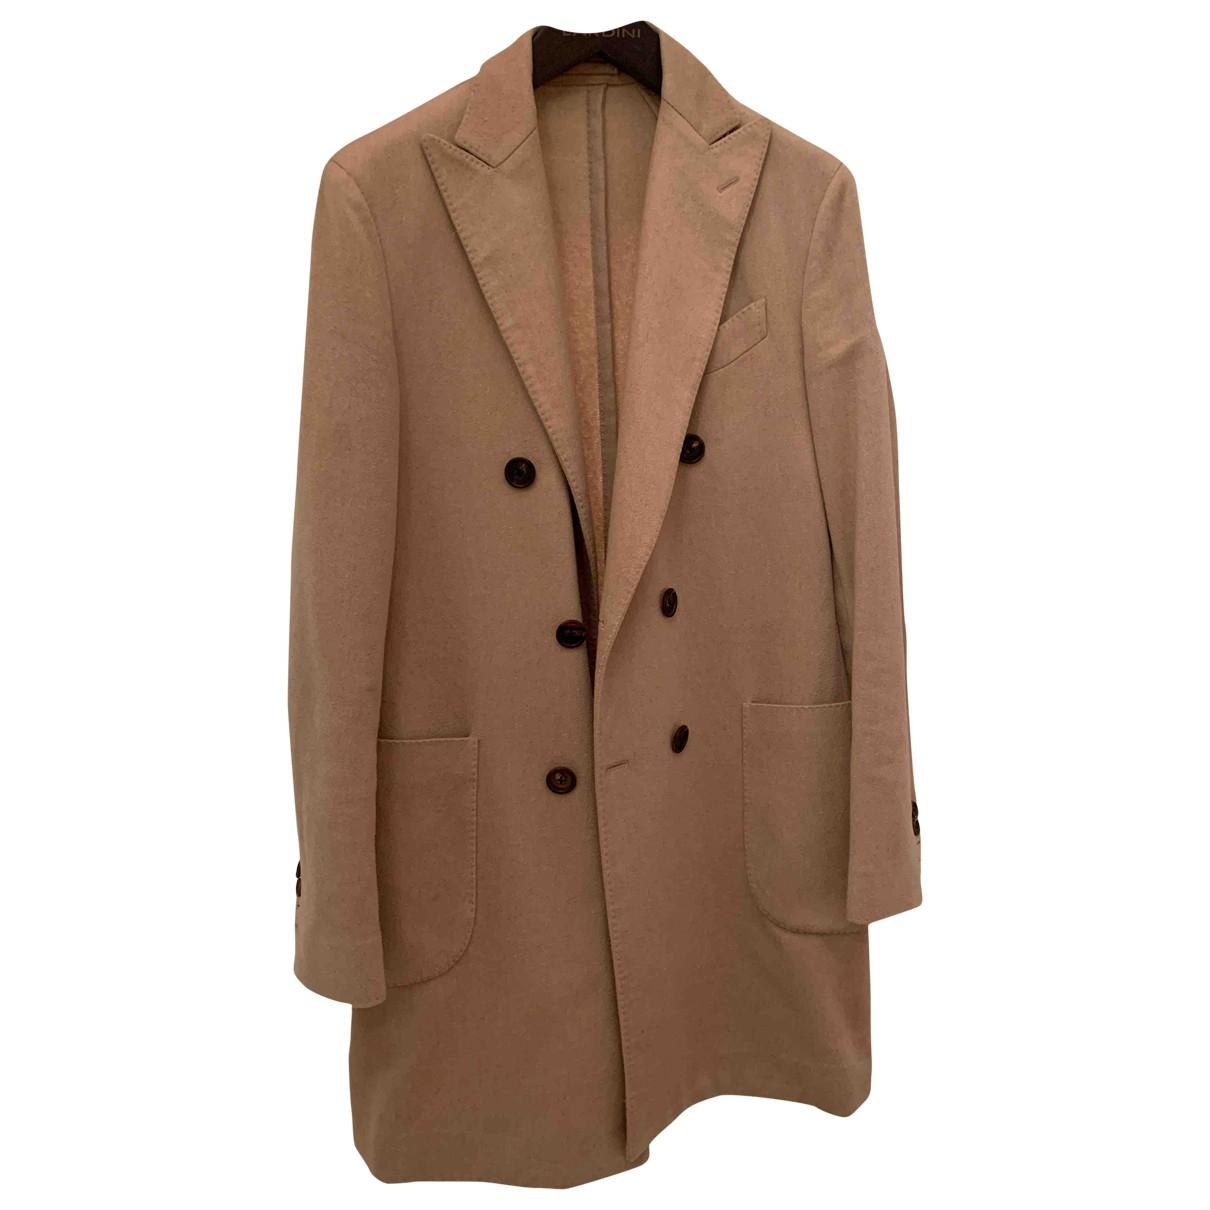 Lardini - Manteau   pour homme en cachemire - beige